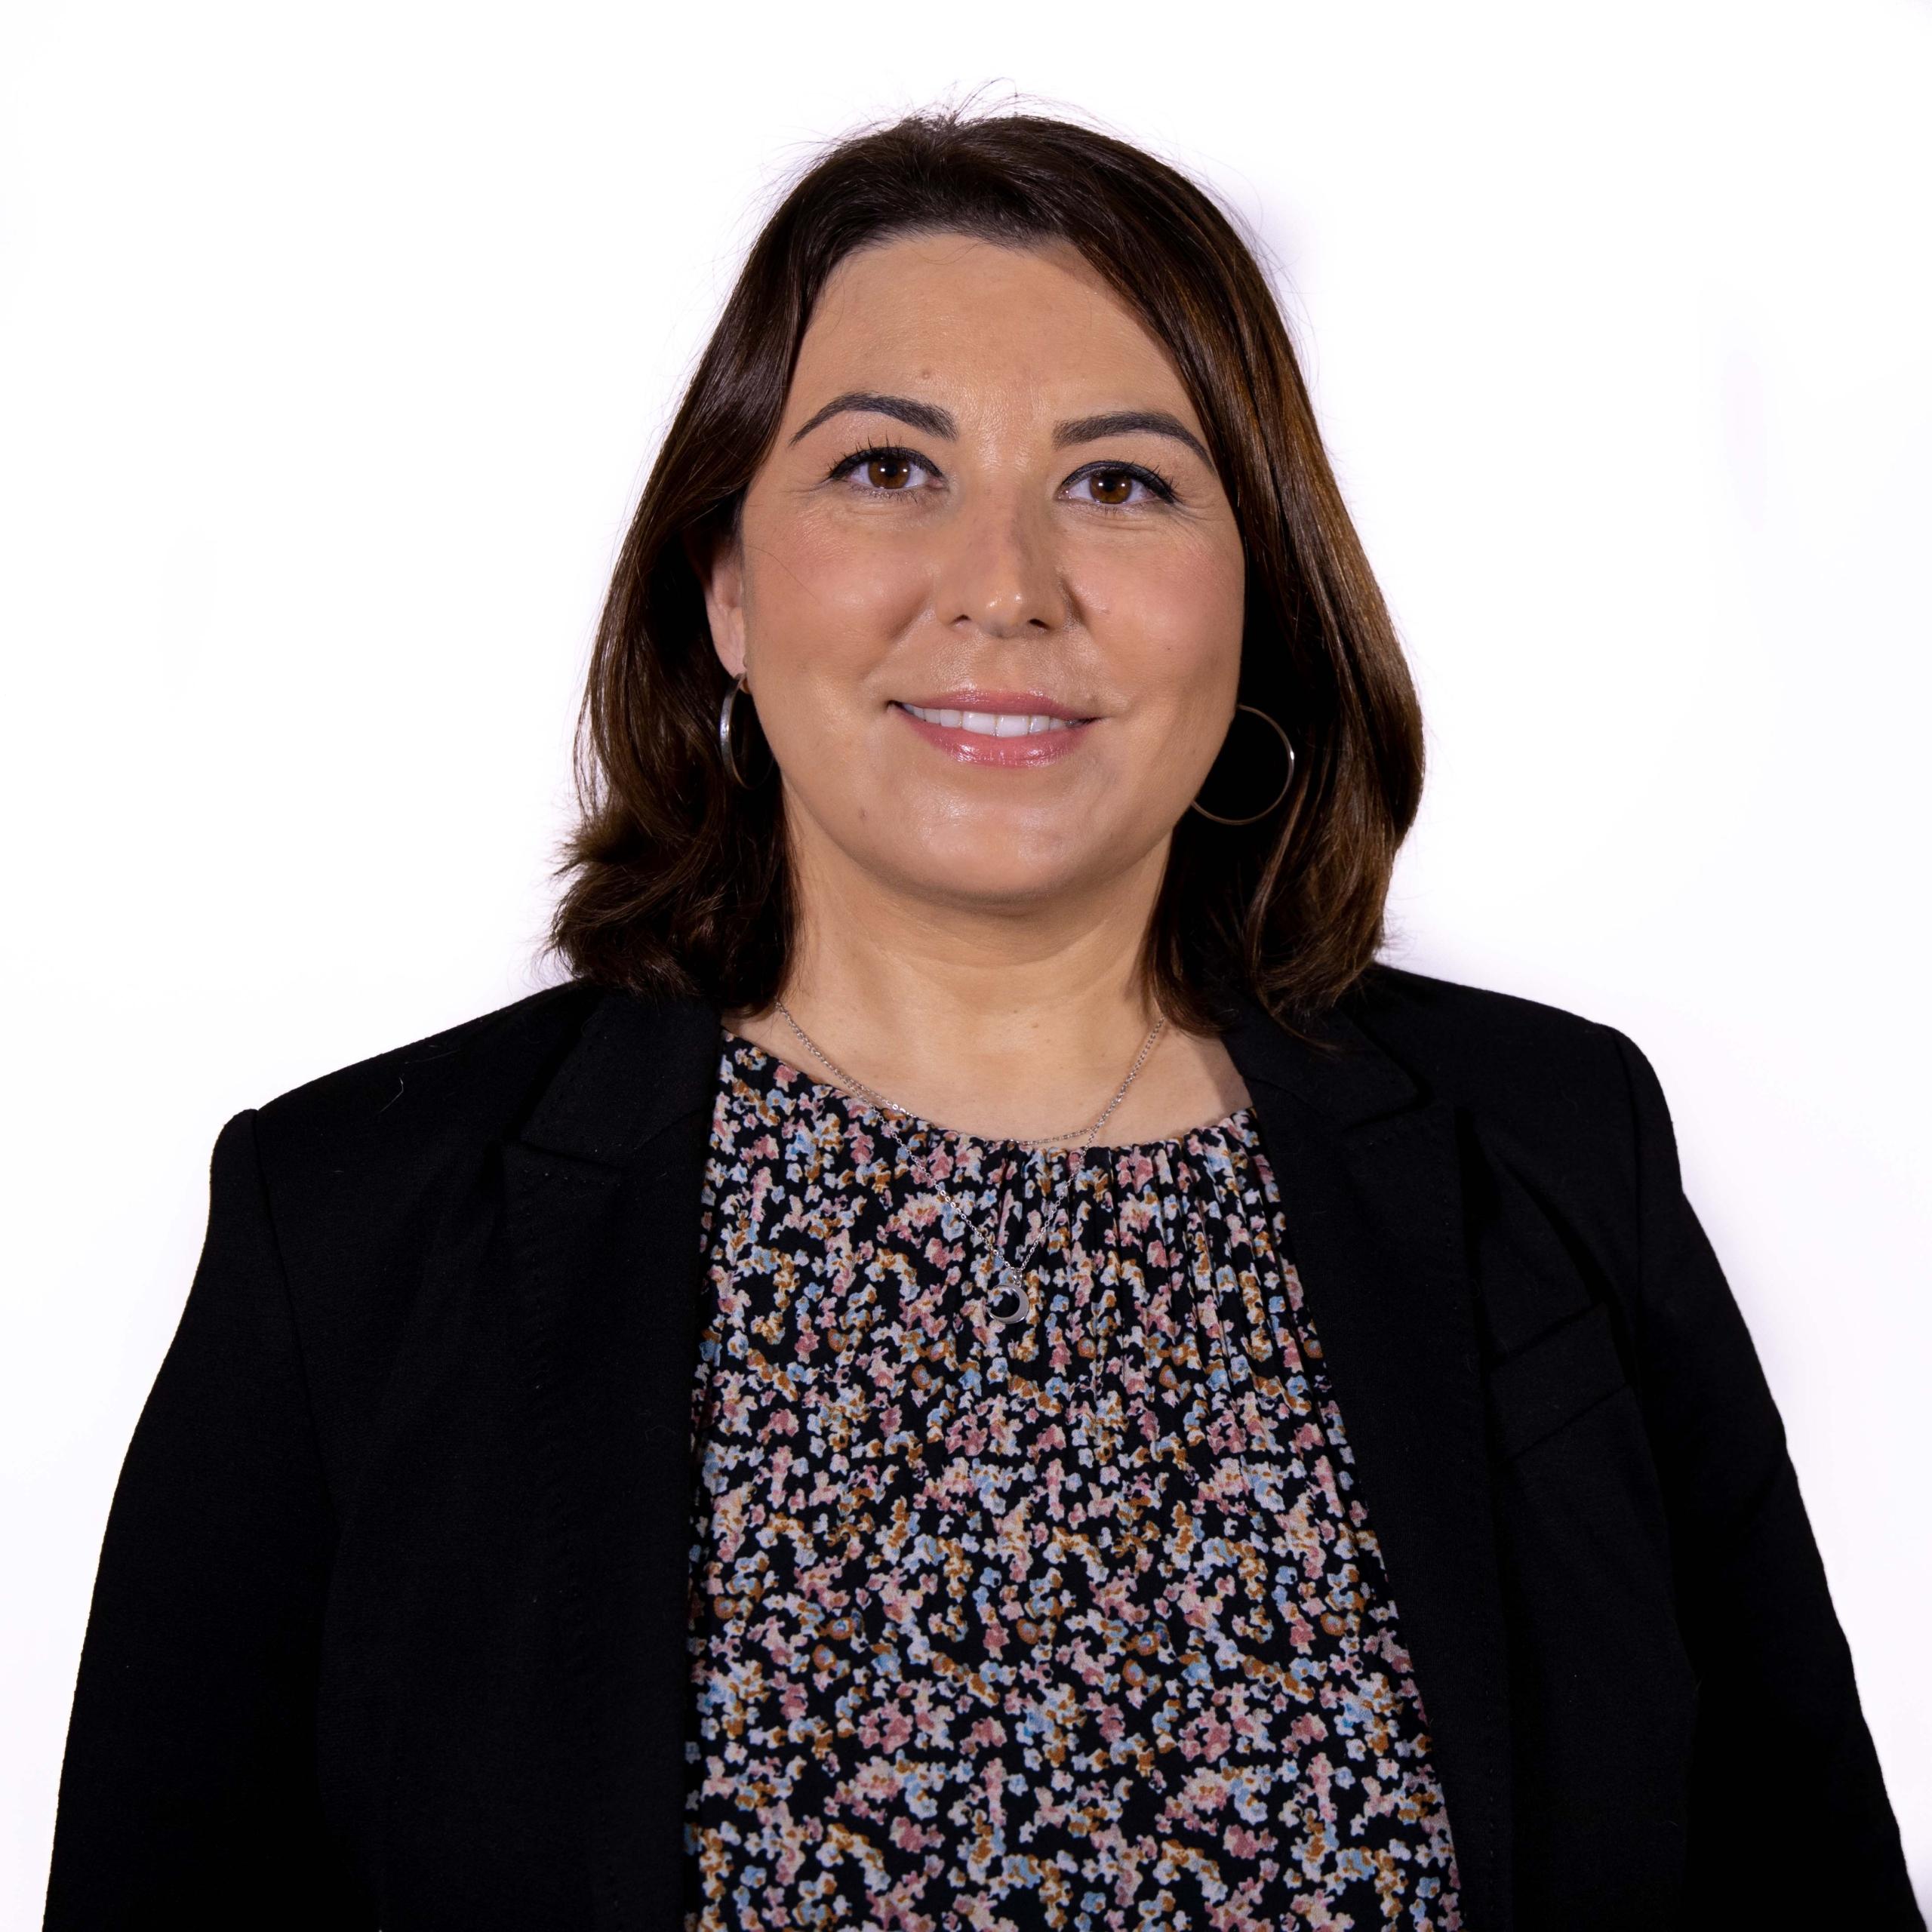 Amparo Romero